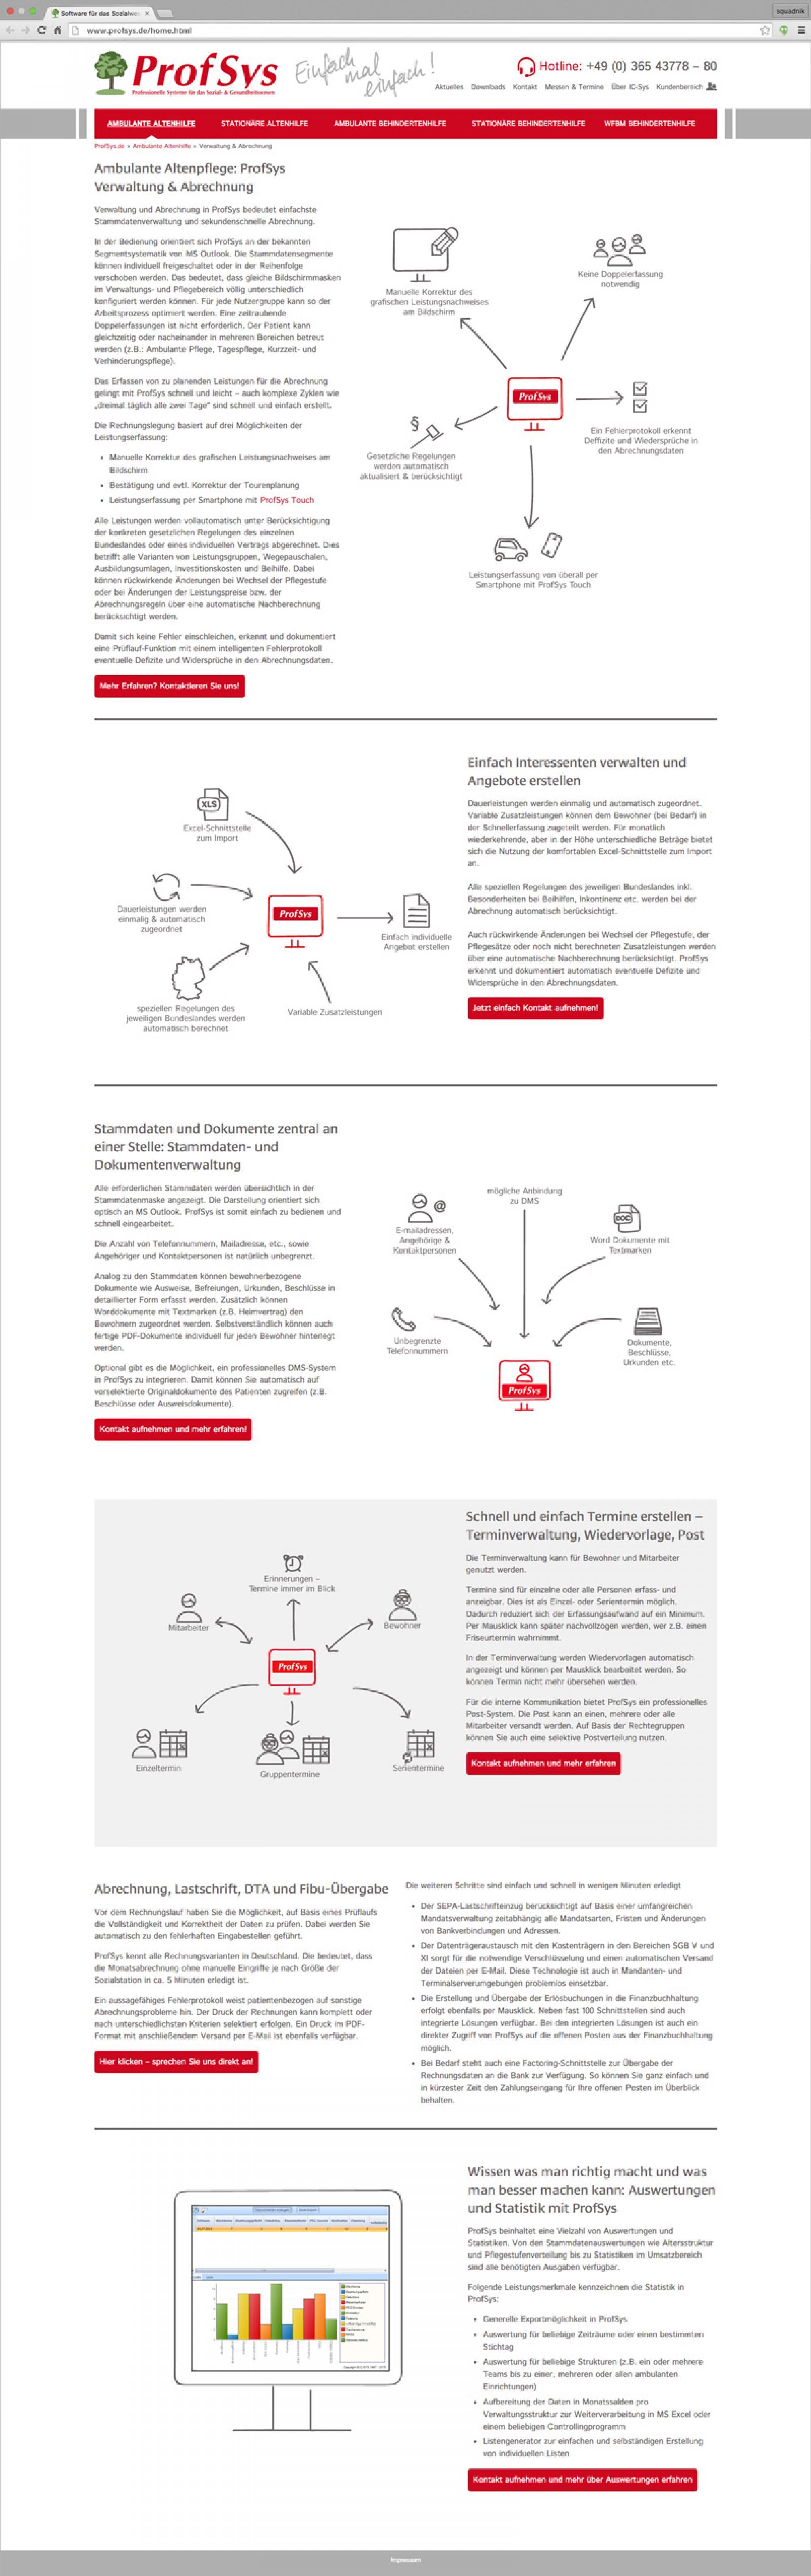 IC-SysWebseiten-redesign-01-AmbulanteAltenpflege-Verwaltung&Abrechnung